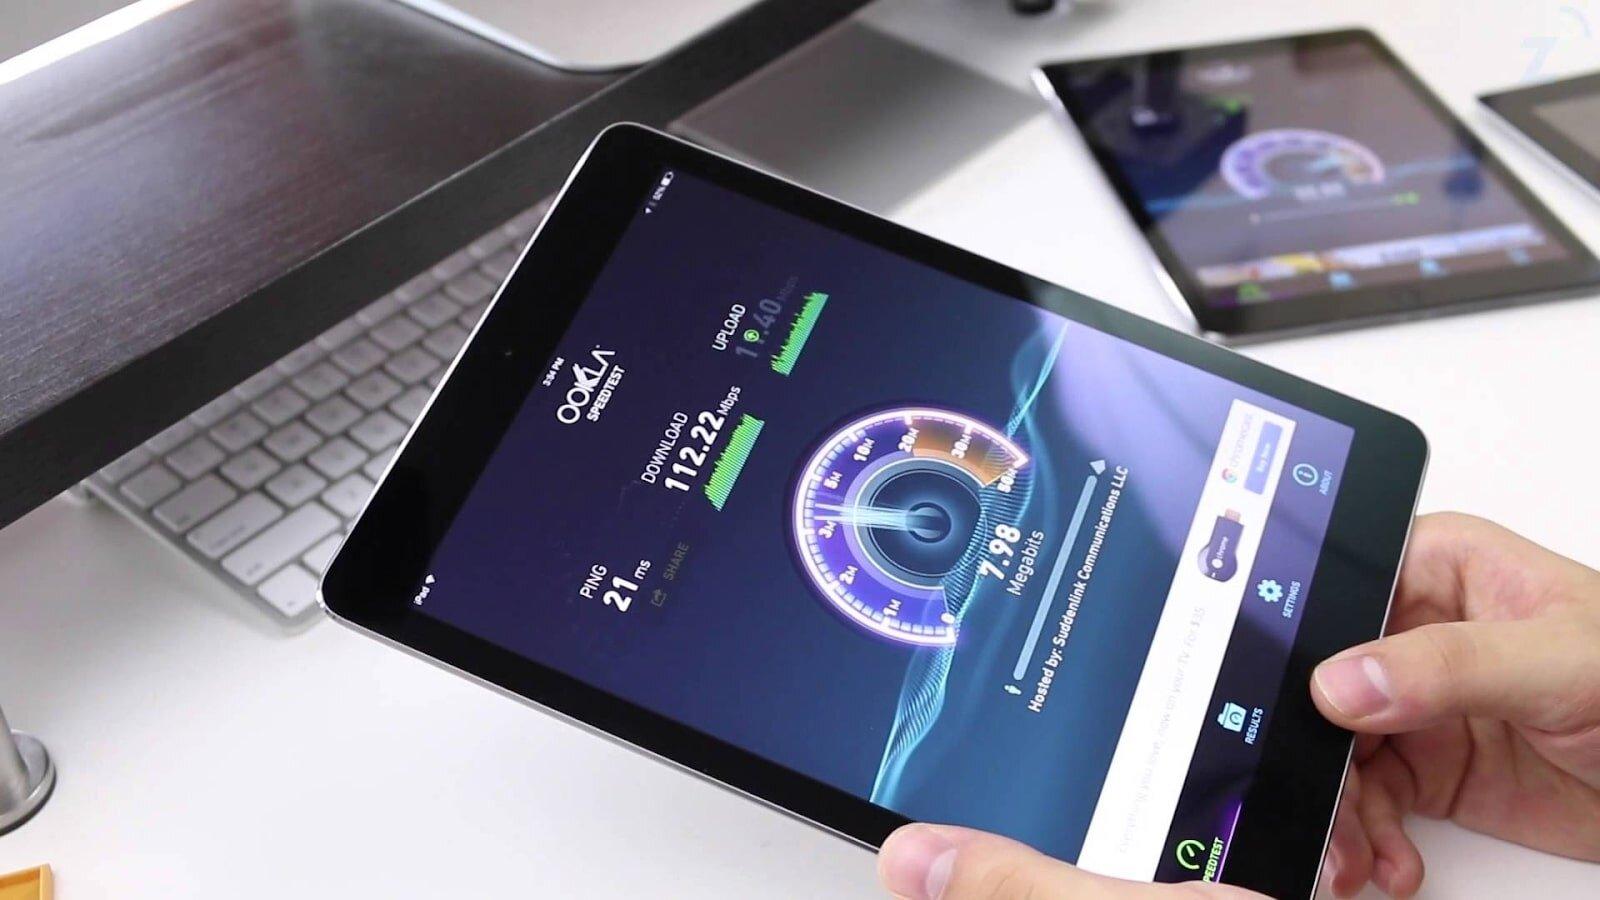 Cách vuốt chuyển ứng dụng trên iPad nhanh